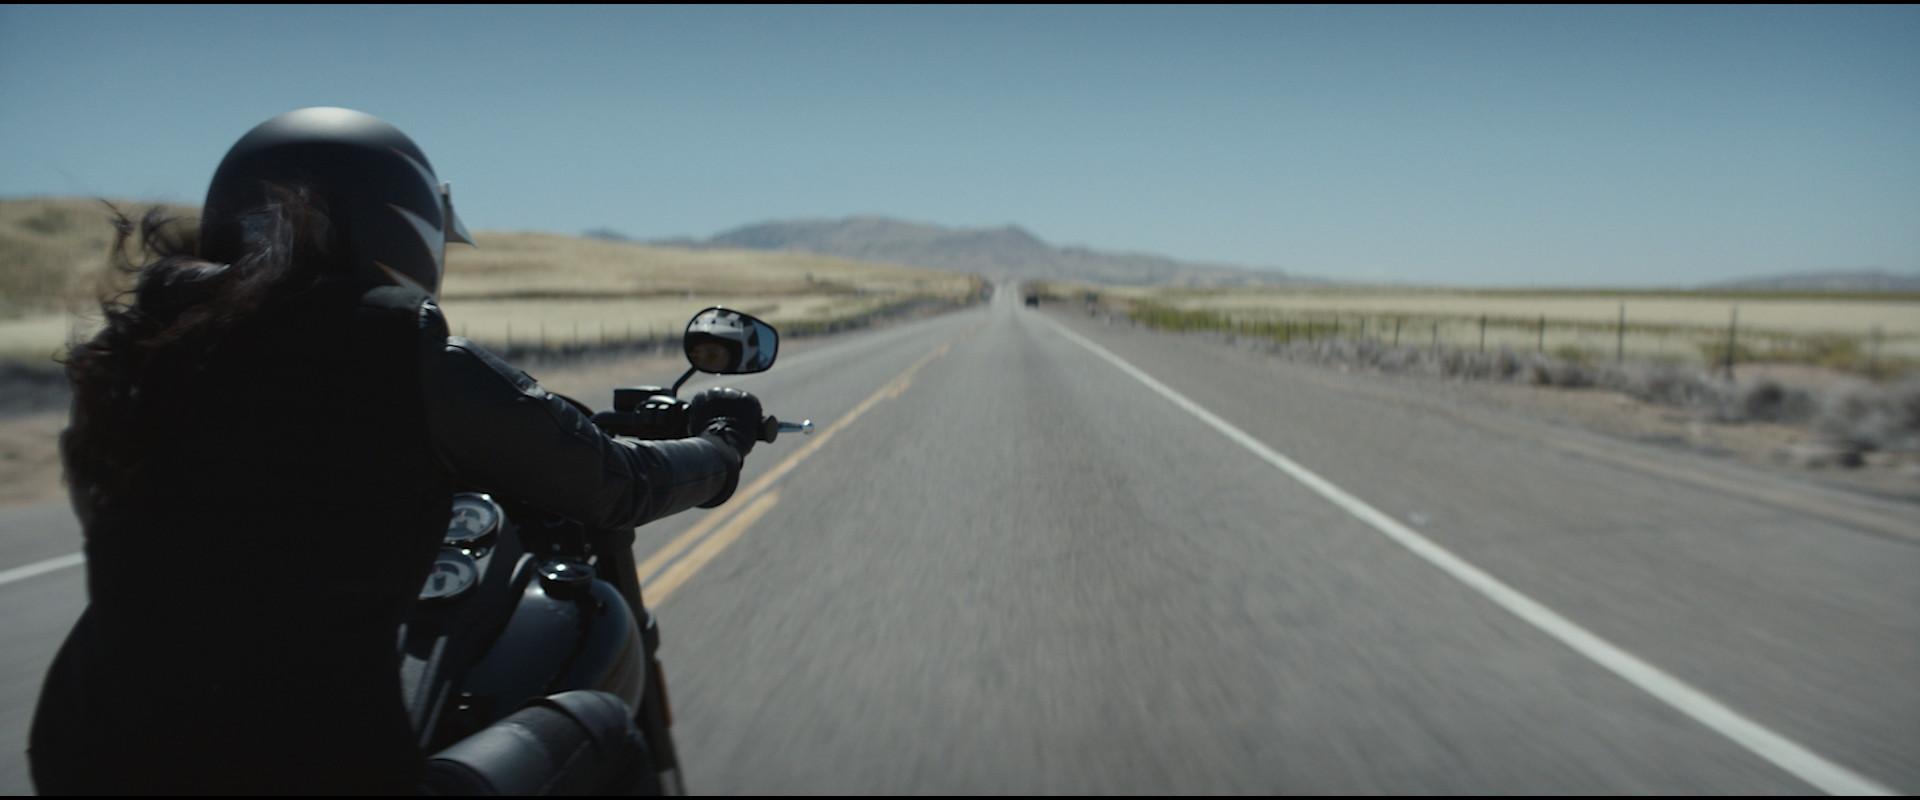 Harley Davidson - Manifesto 90s-0218